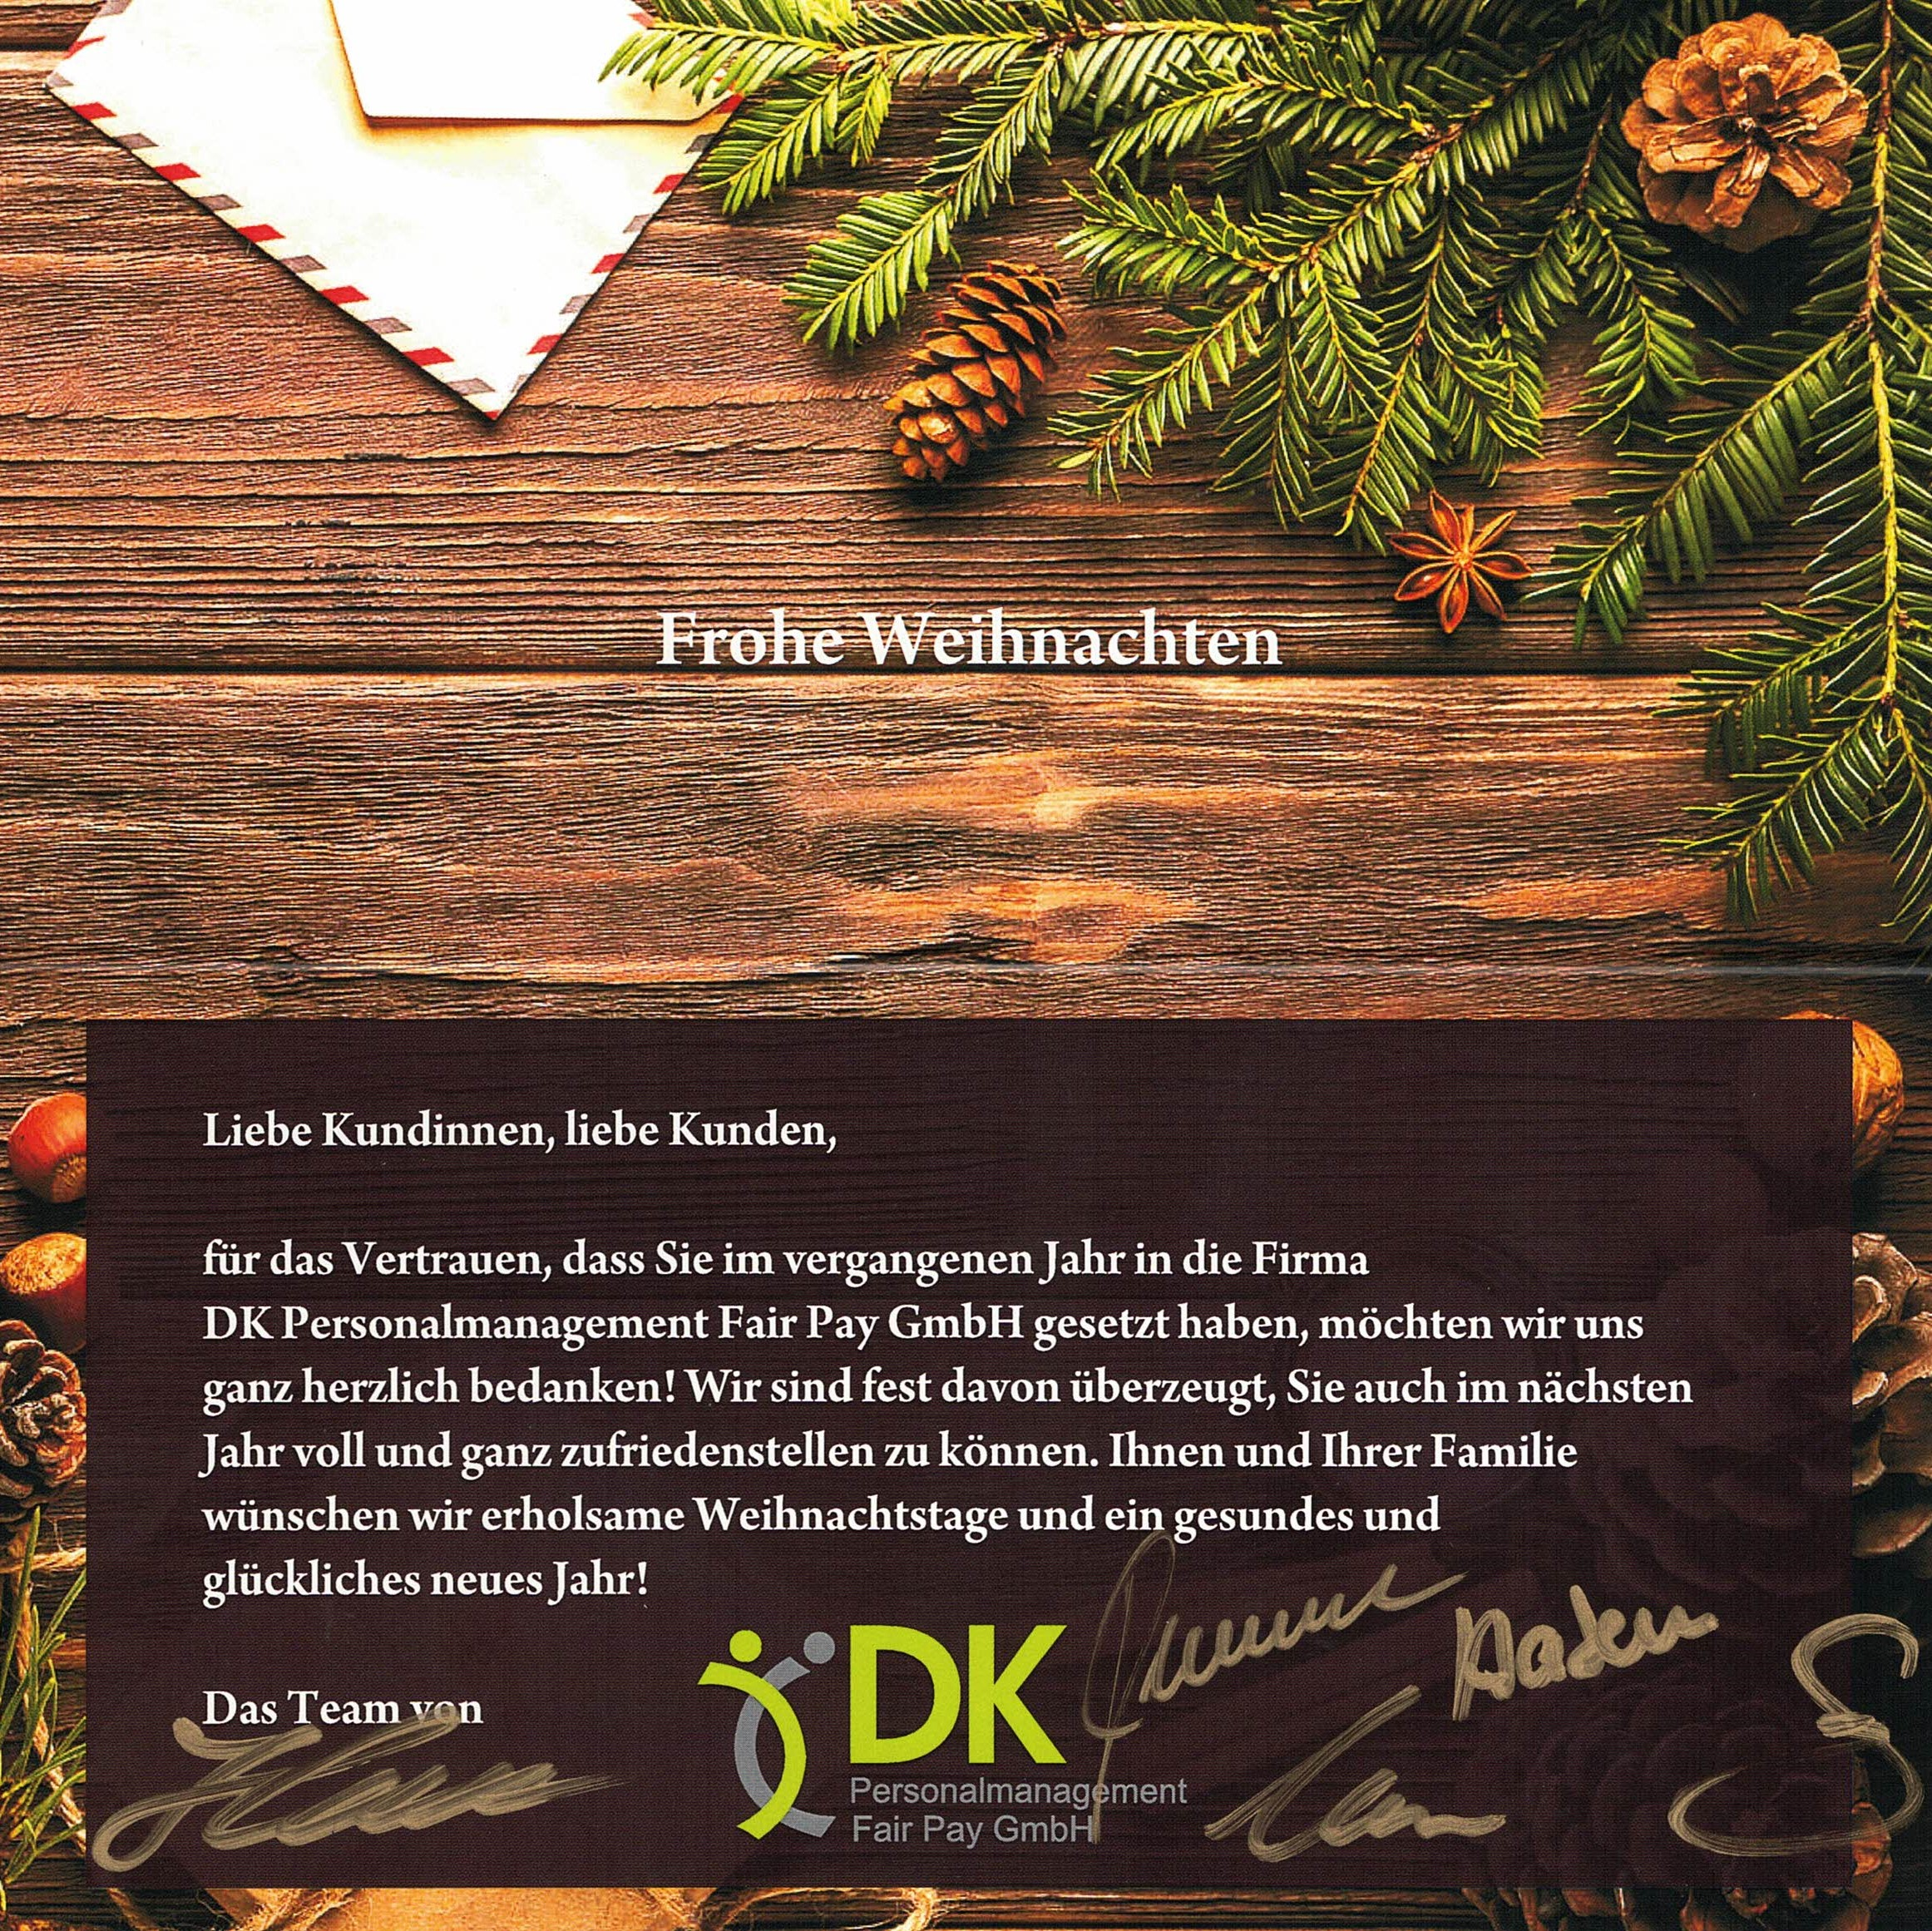 Weihnachtsgrüße Arbeitgeber.Weihnachtsgrüße Dk Personalmanagement Fair Pay Gmbh